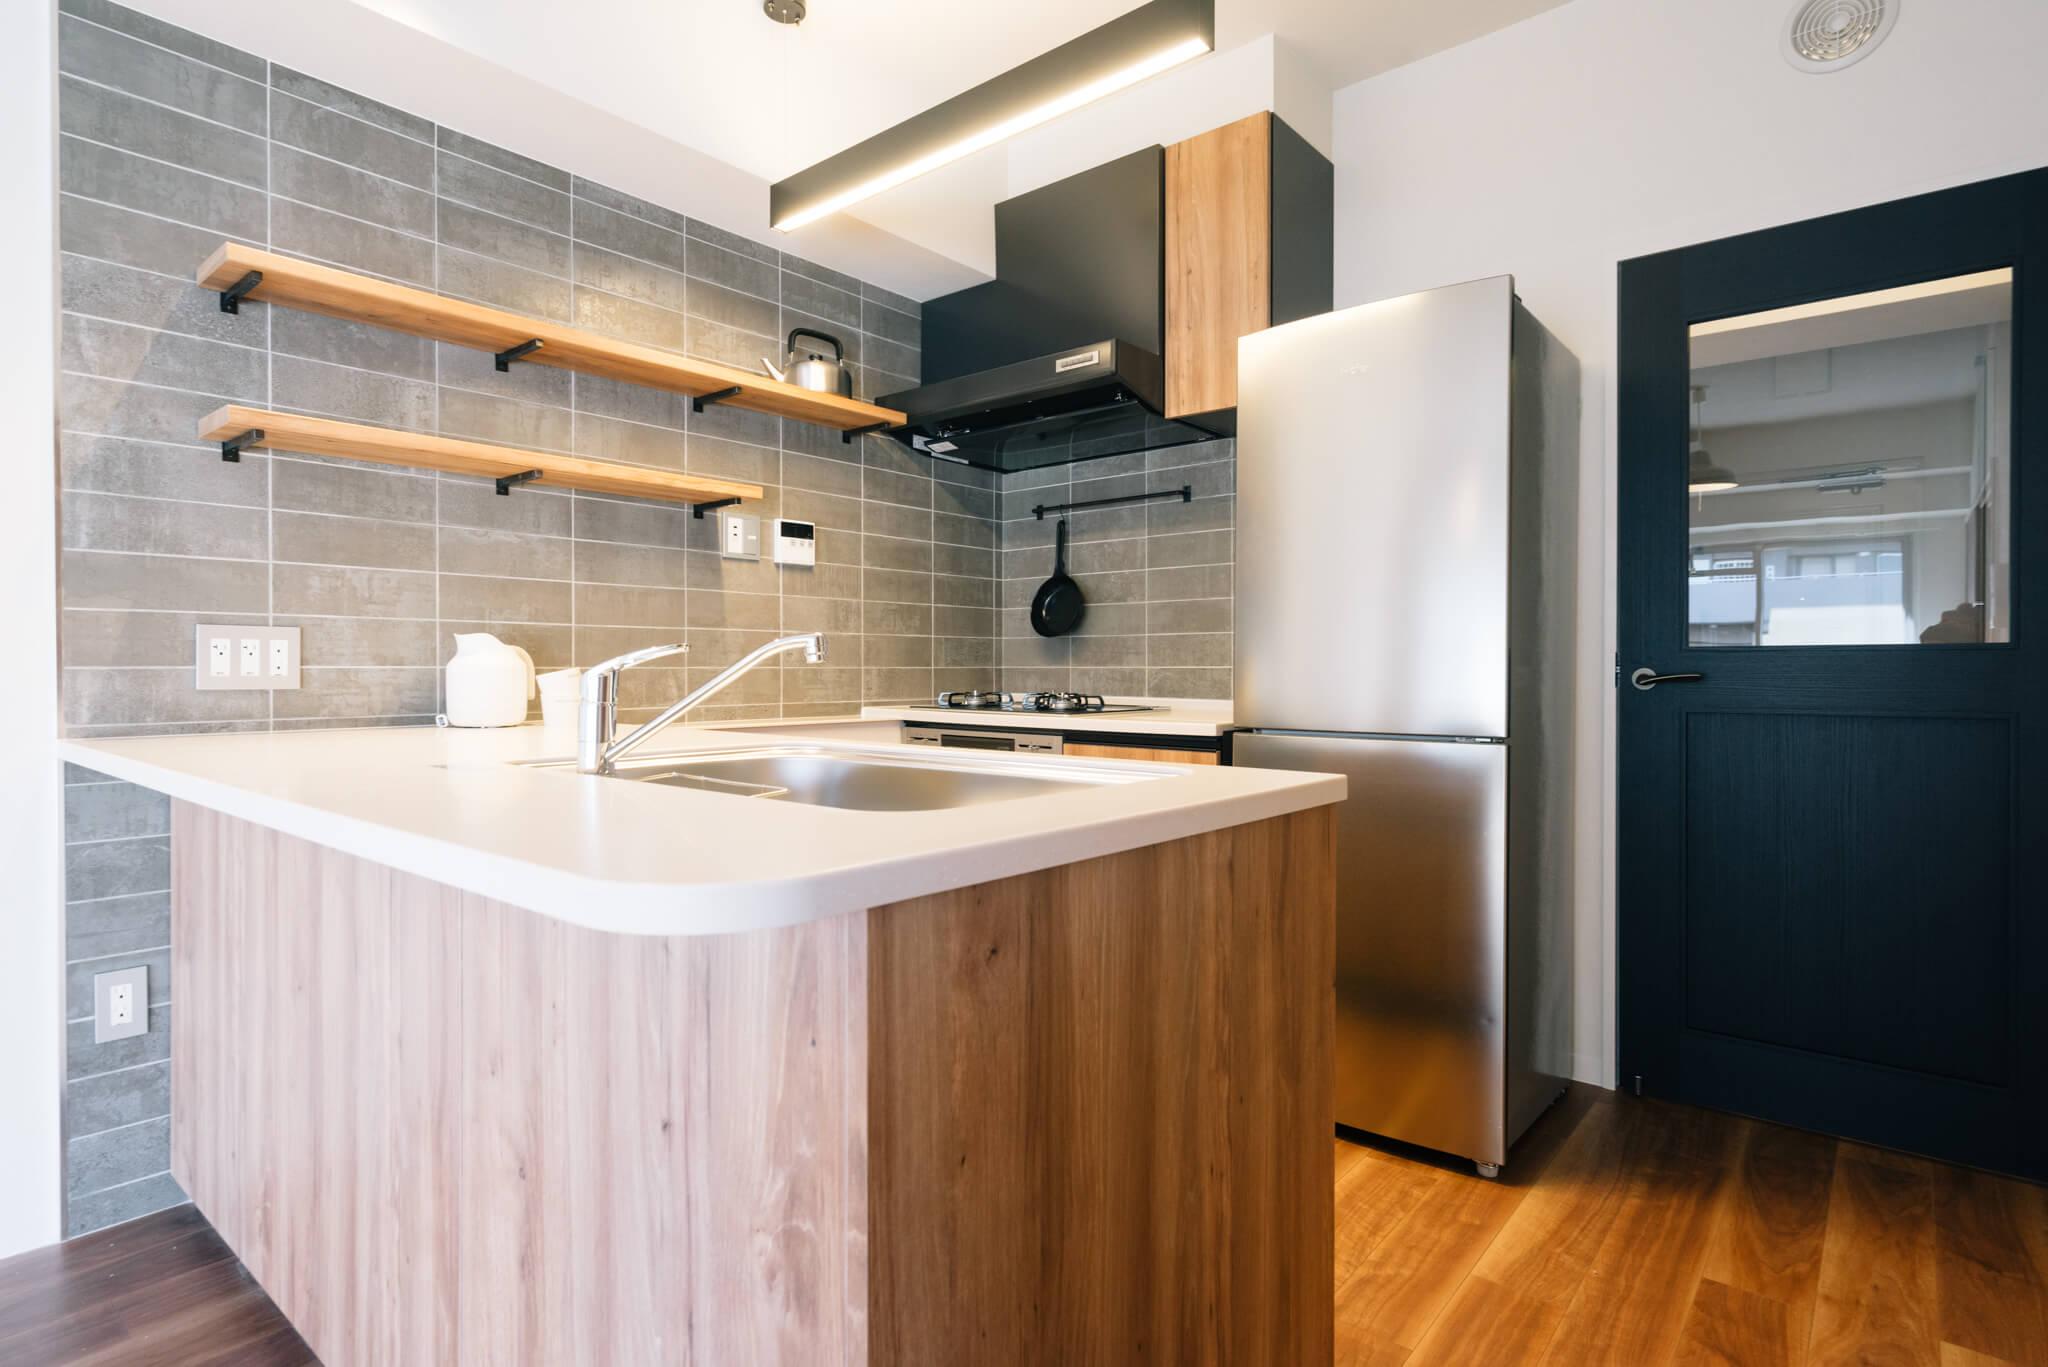 このキッチンが羨ましい。樹々に囲まれた世田谷の団地「経堂赤堤通り」で始める、ゆとりのある暮らし